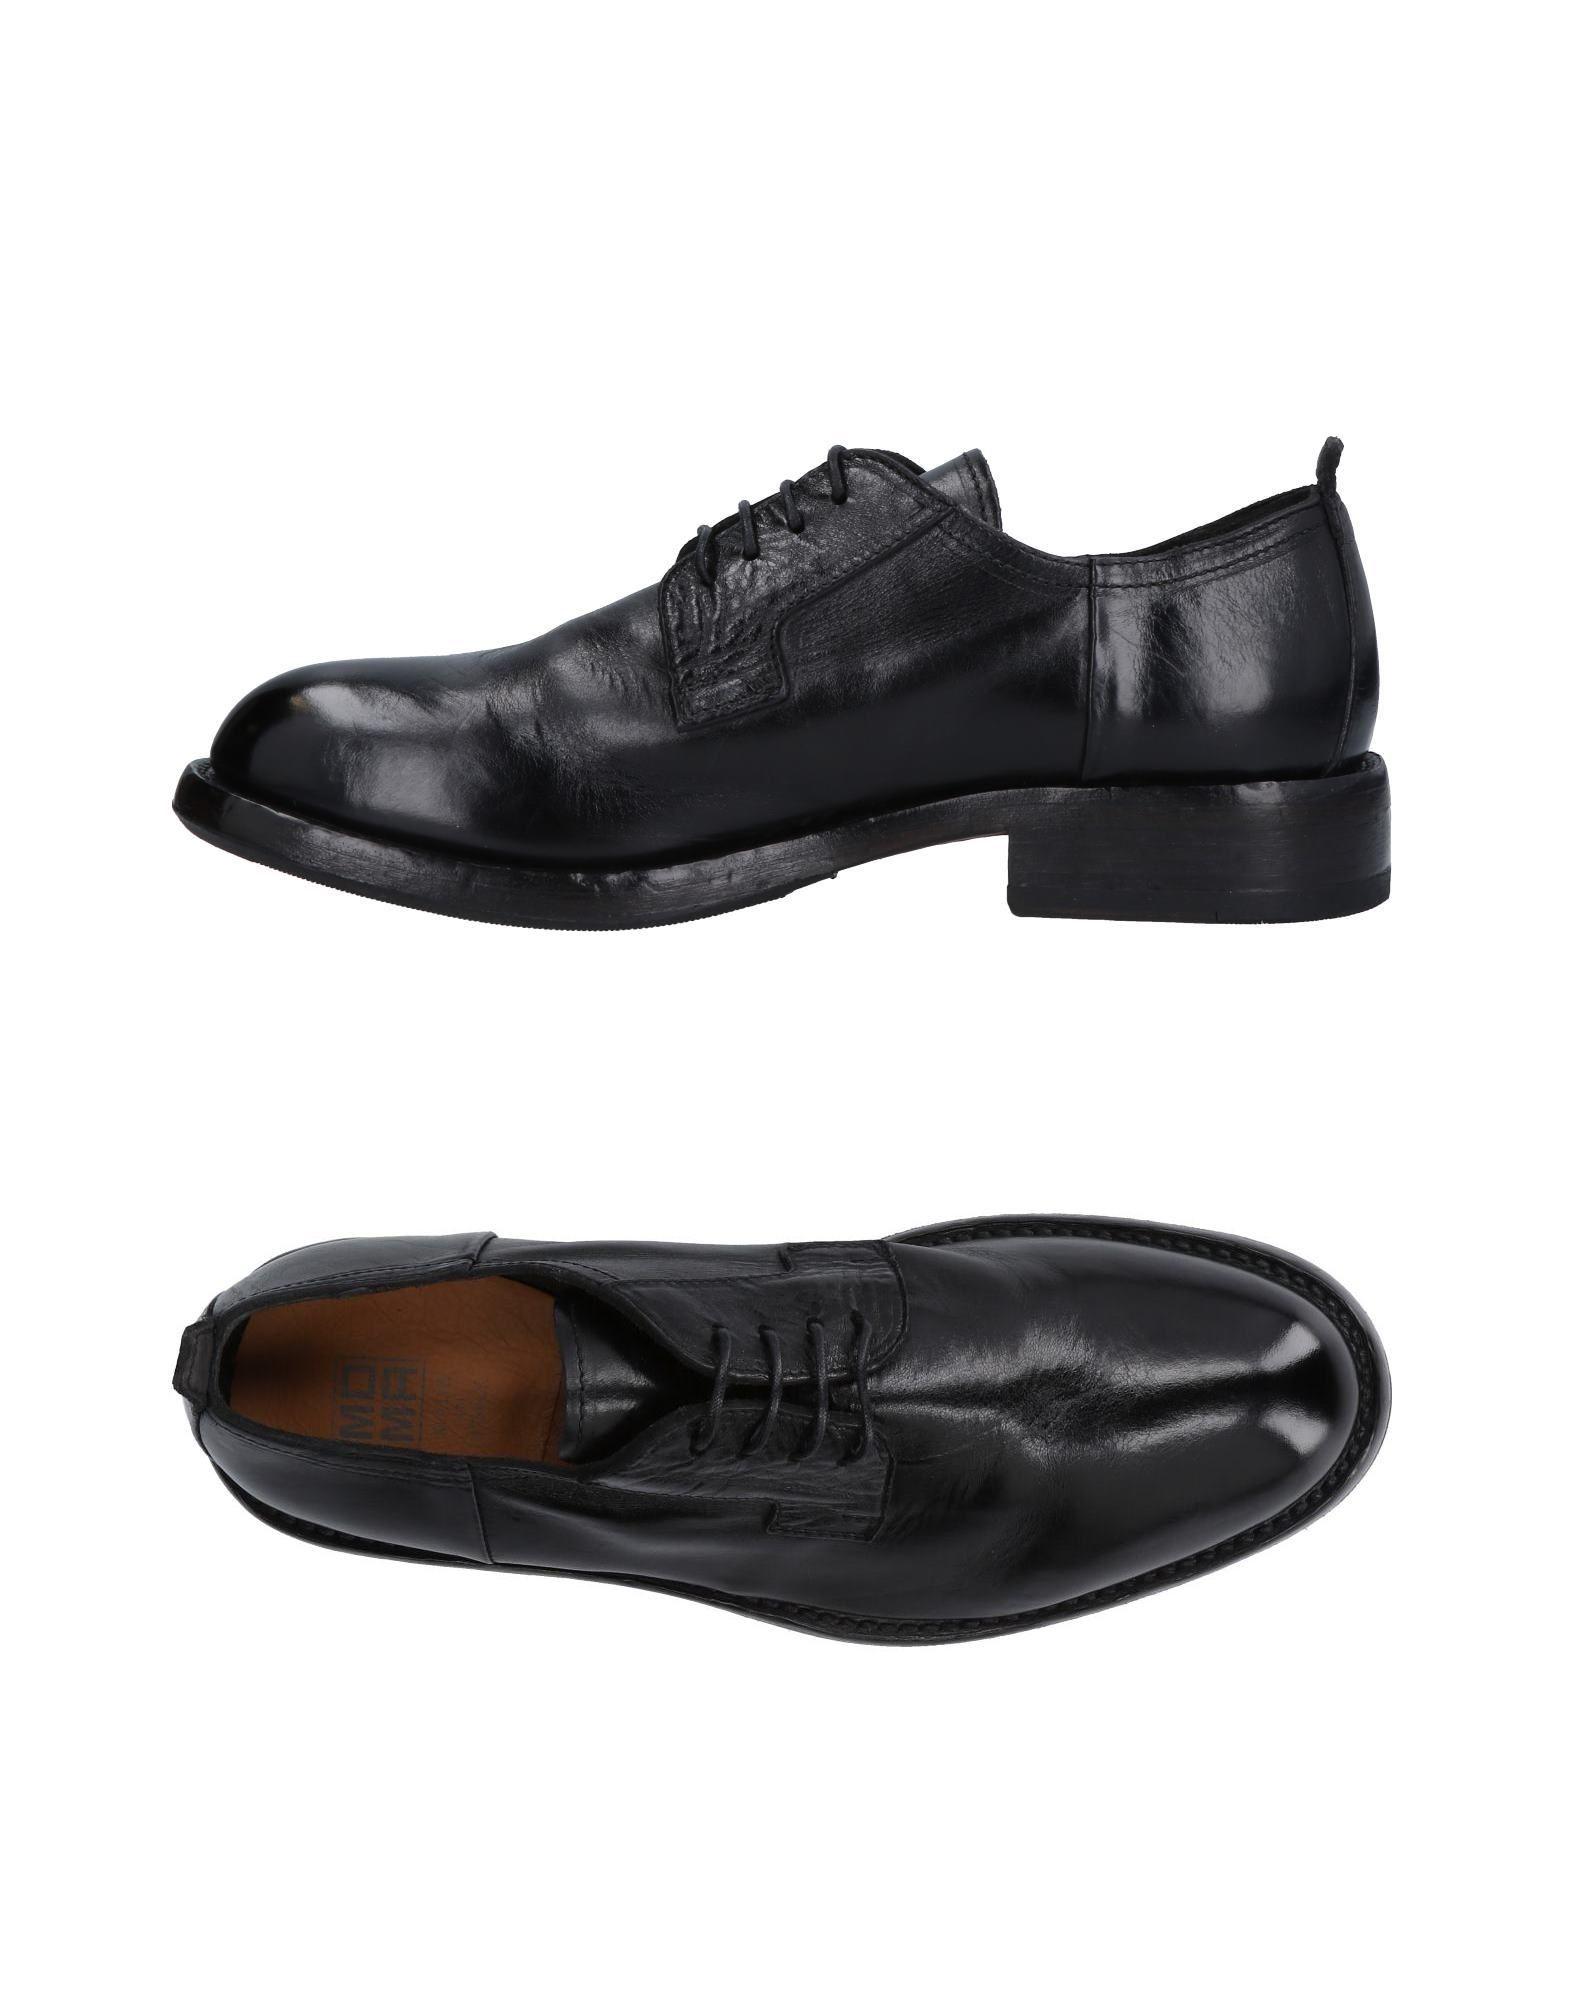 Moma Schnürschuhe Herren  11471443DH Gute Qualität beliebte Schuhe